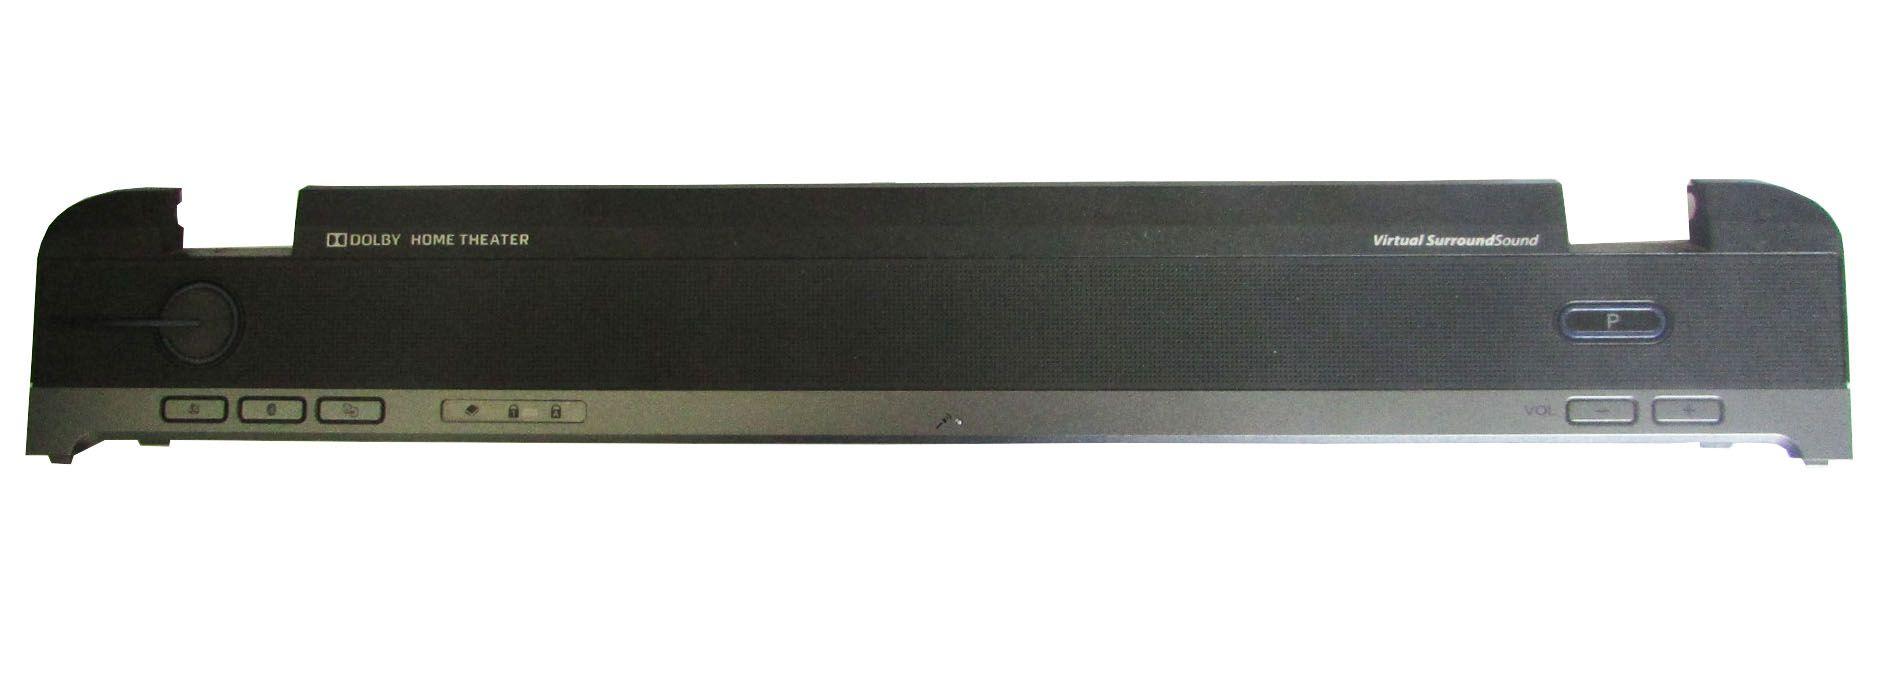 Painel Régua Notebook Acer Aspire 5536 P/N: 42.4cg08.xxx (semi novo)